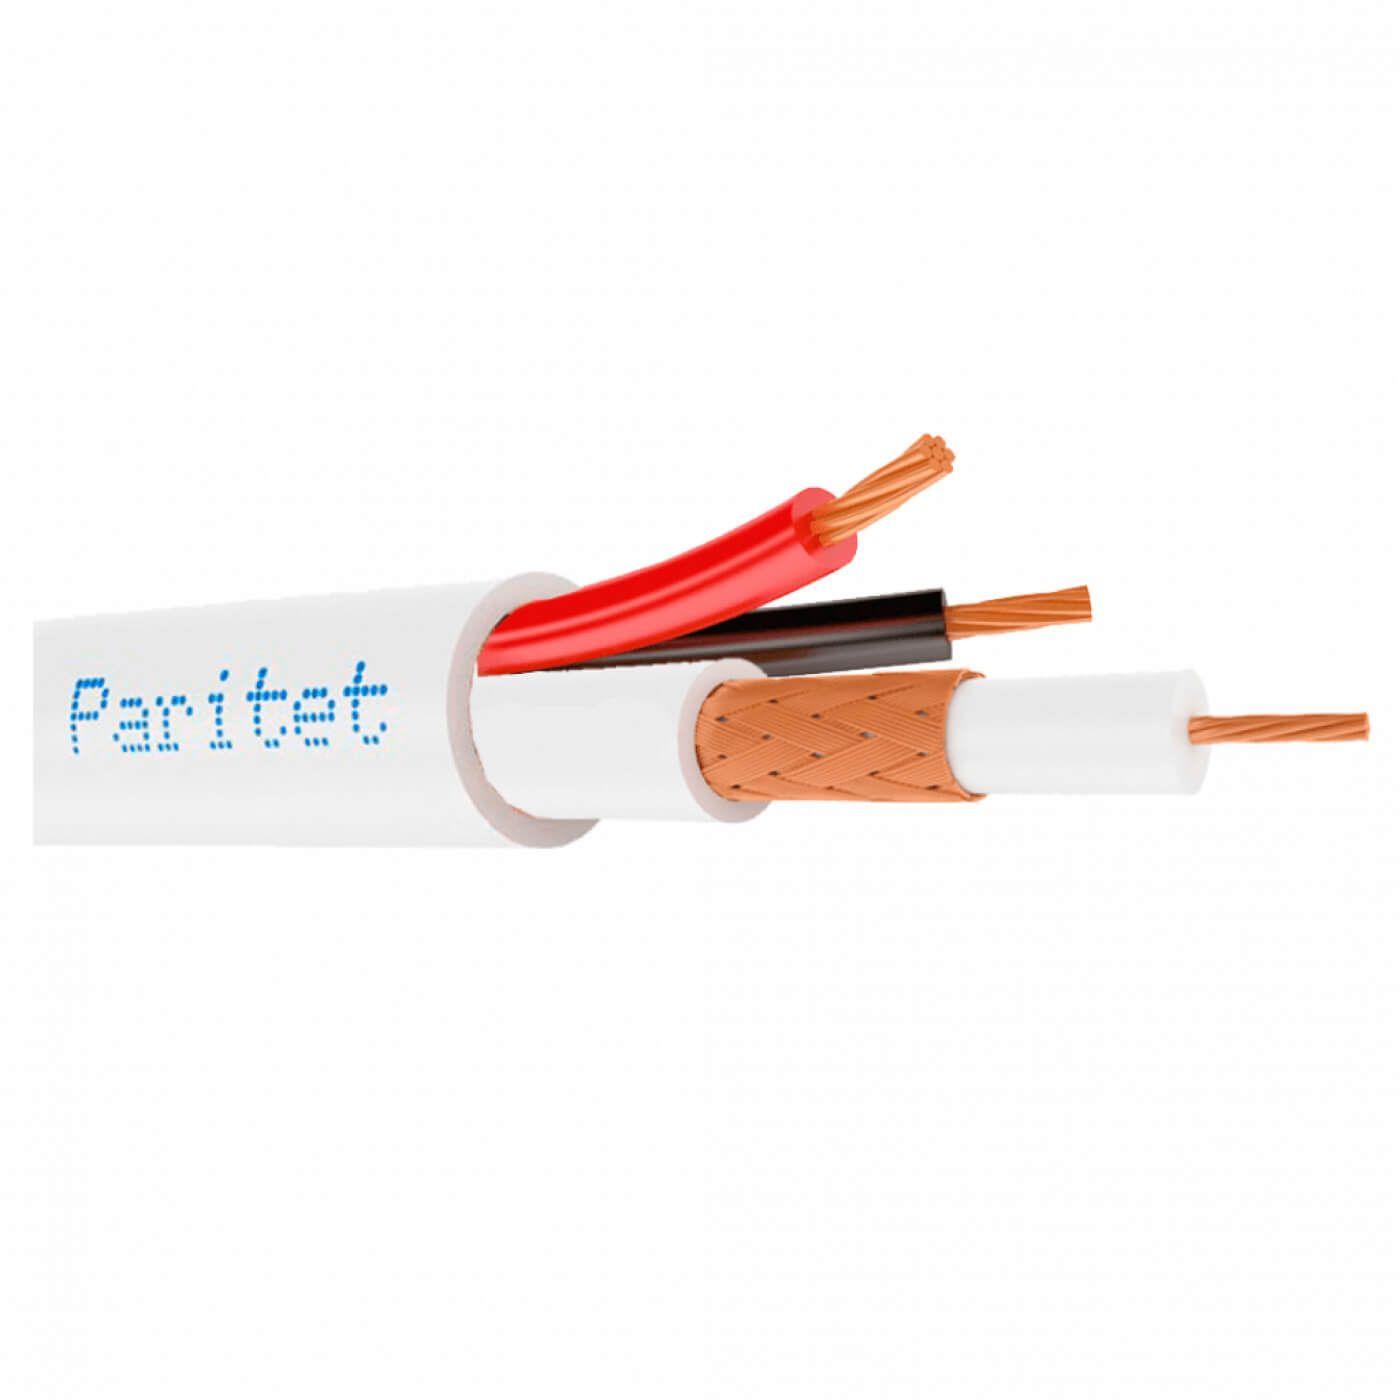 Комбинированный кабель для видеонаблюдения с питанием внутренний КВК-П-2 2х0,5